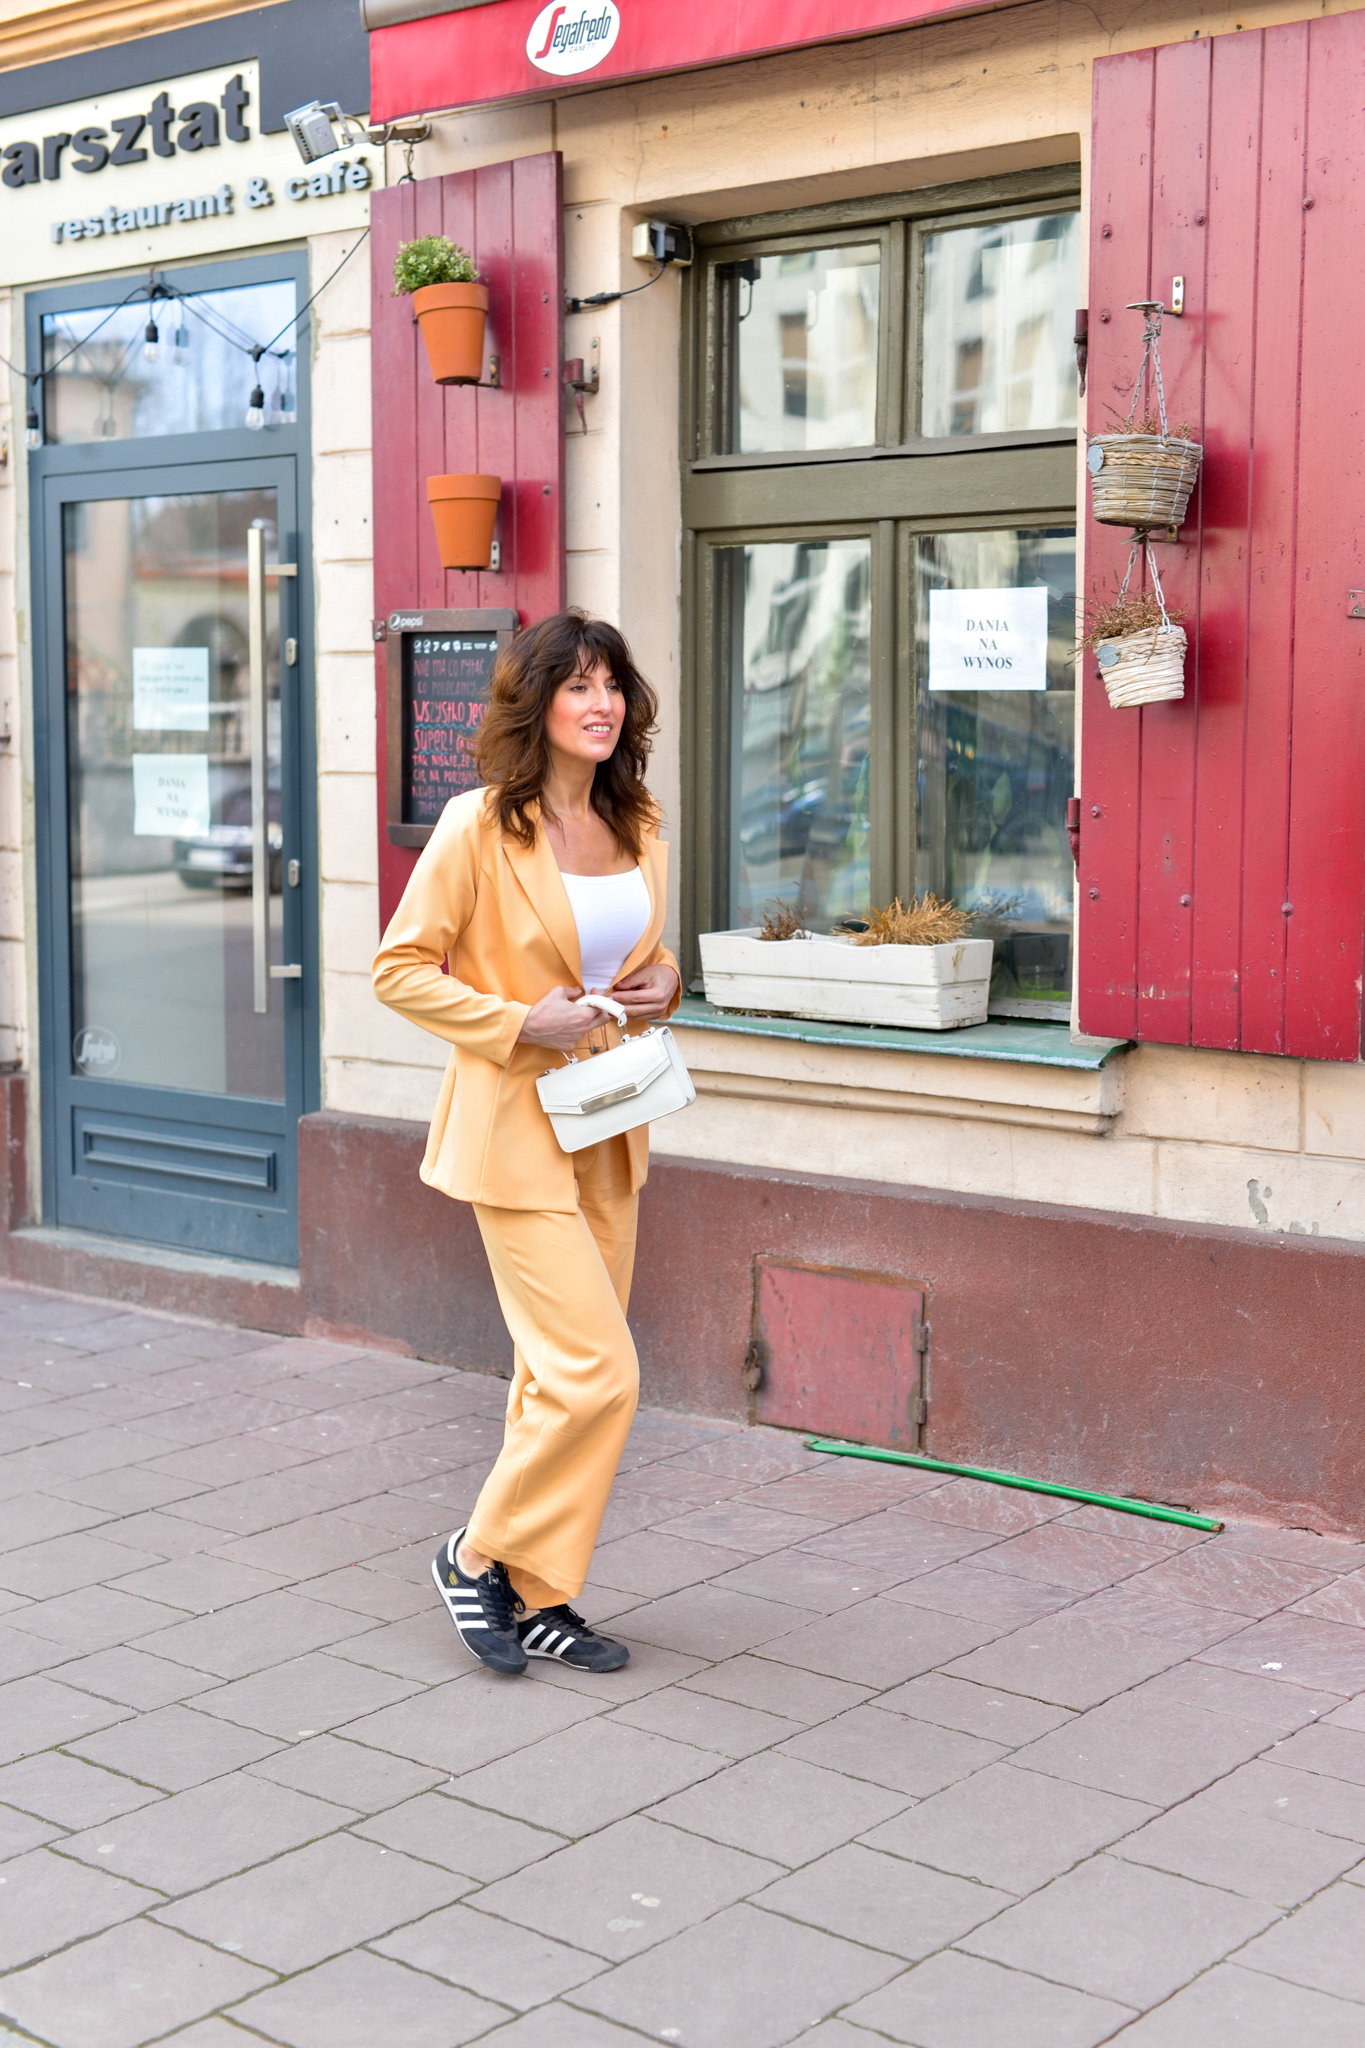 żółty garnitur terrastyll-14